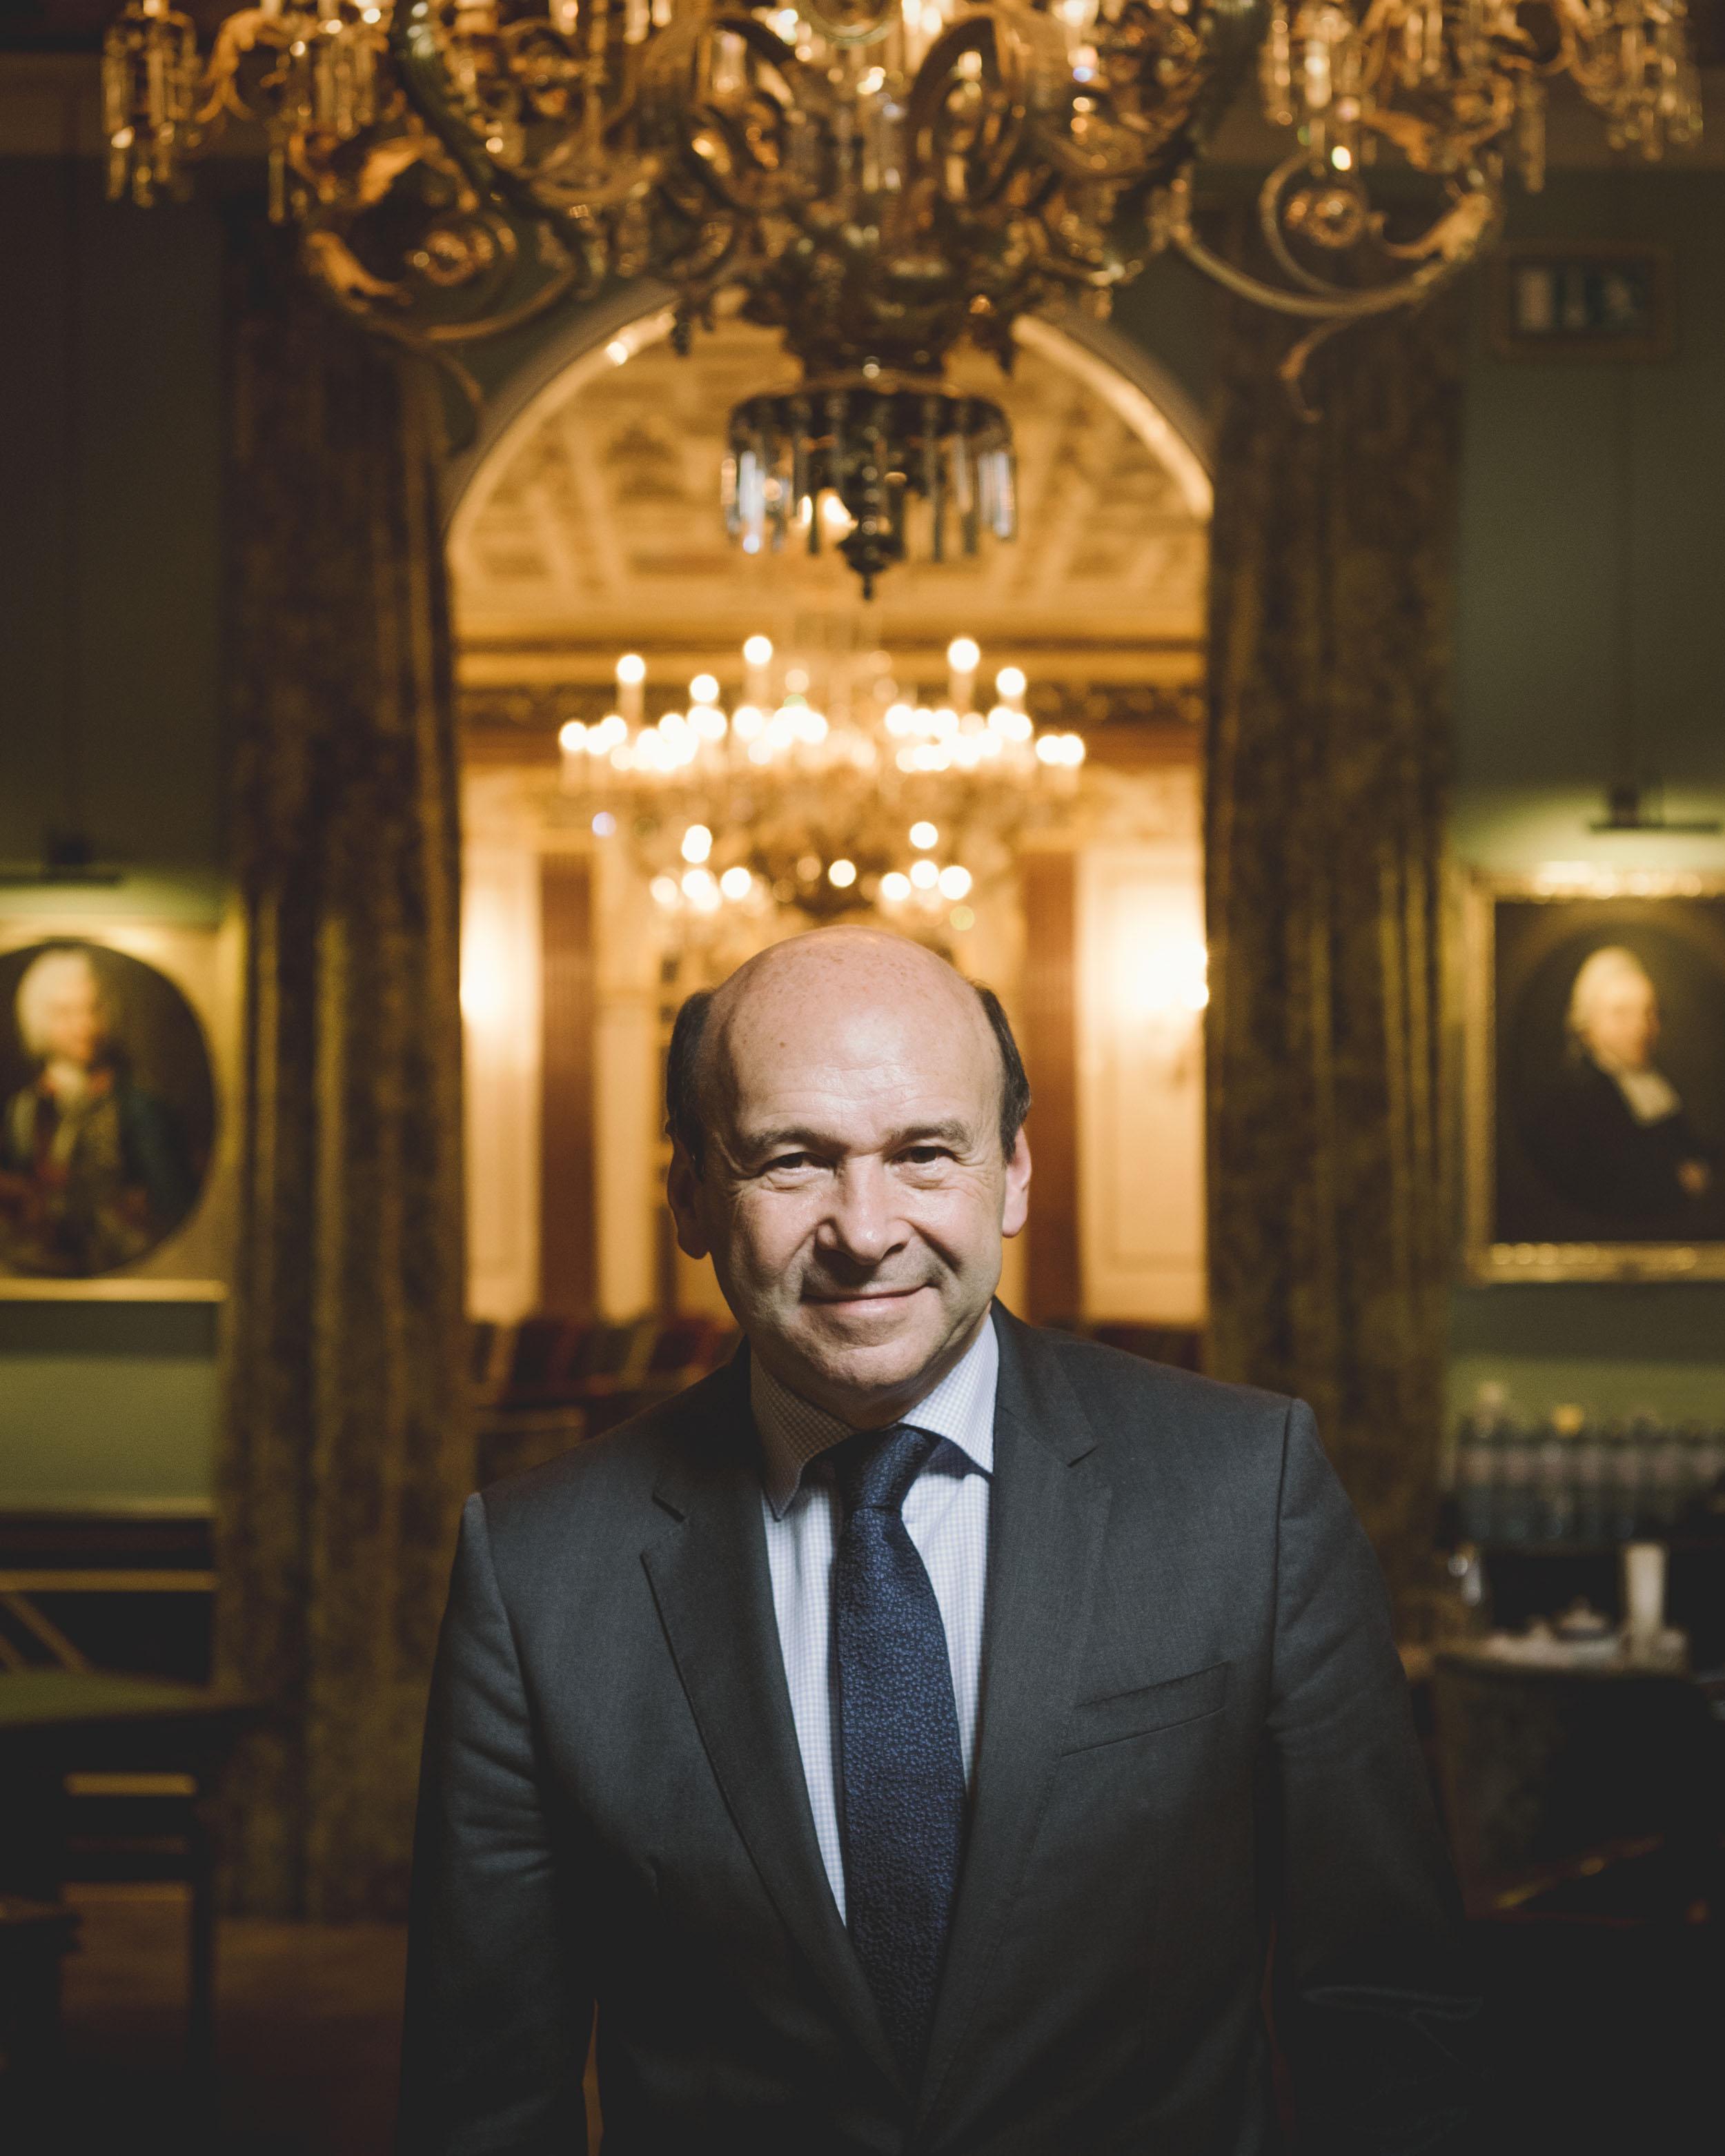 DOMINIQUE MEYER / Staatsoperndirektor Wien